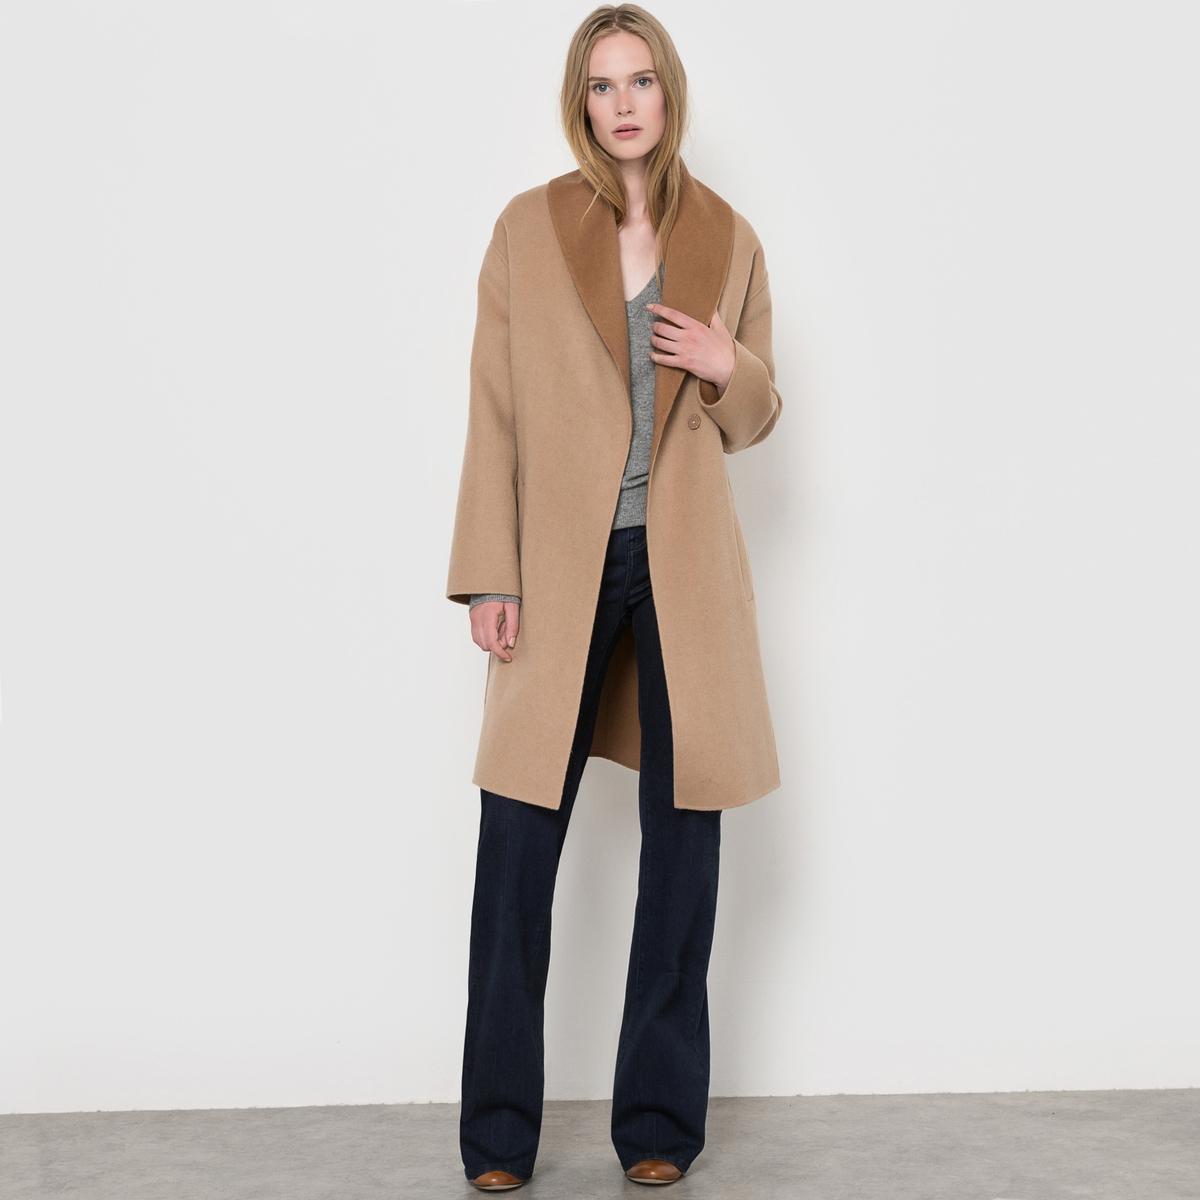 Abrigo con cinturón bicolor, 70% lana